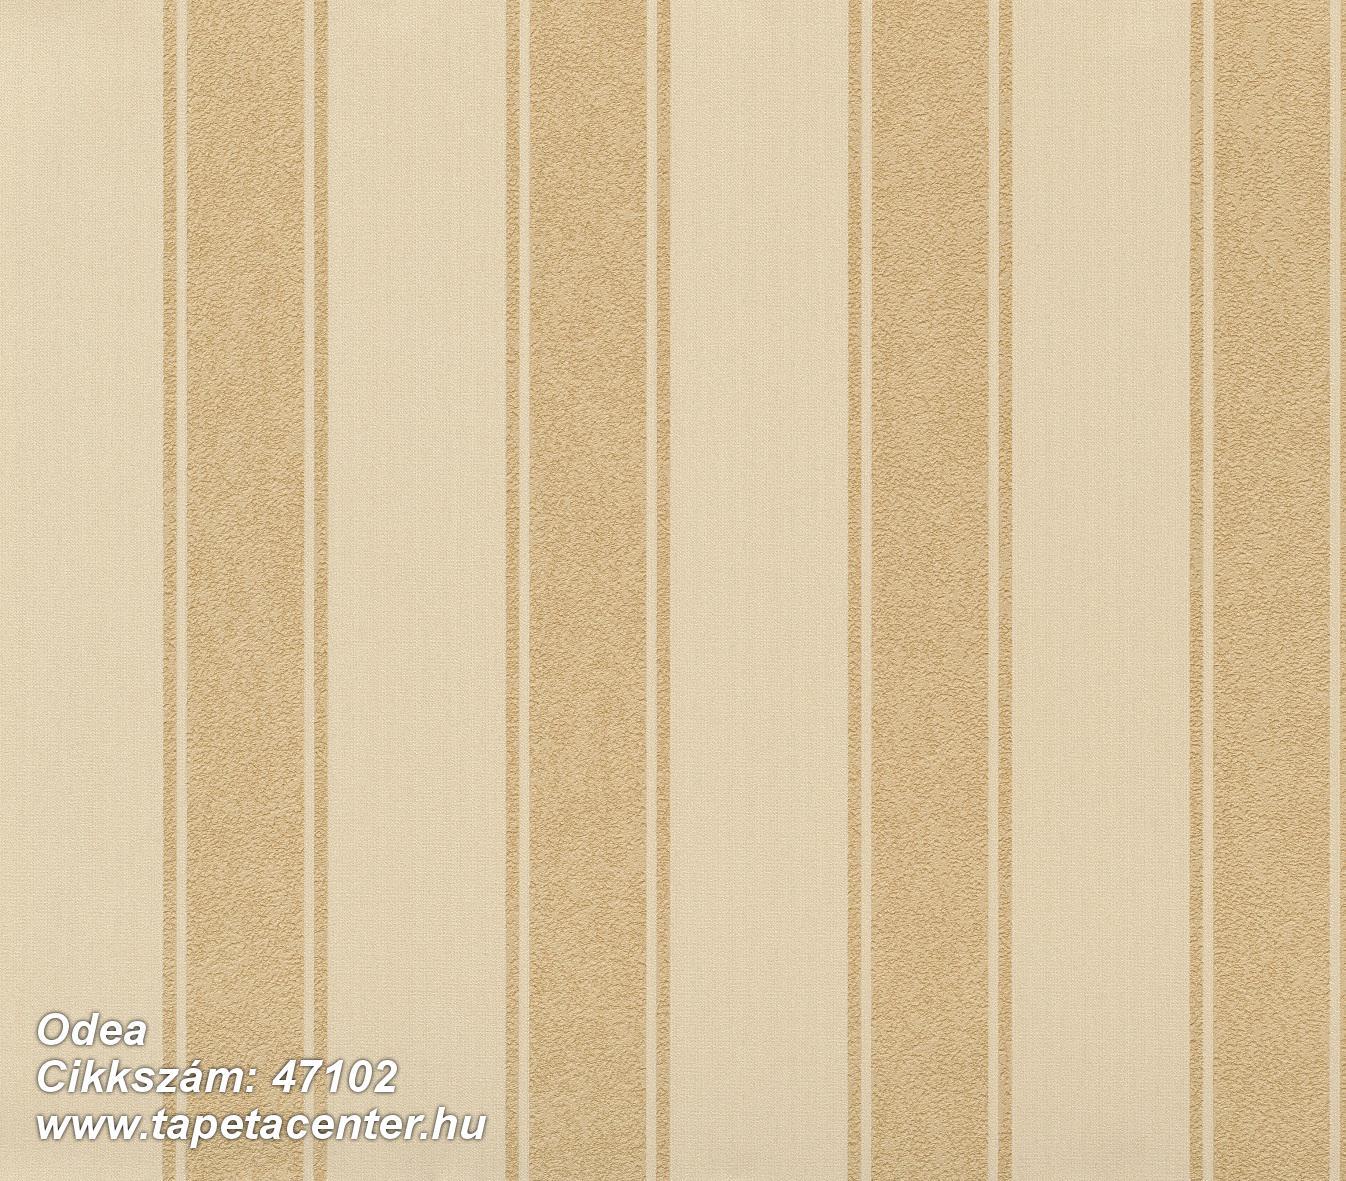 Odea - 47102 Olasz tapéta